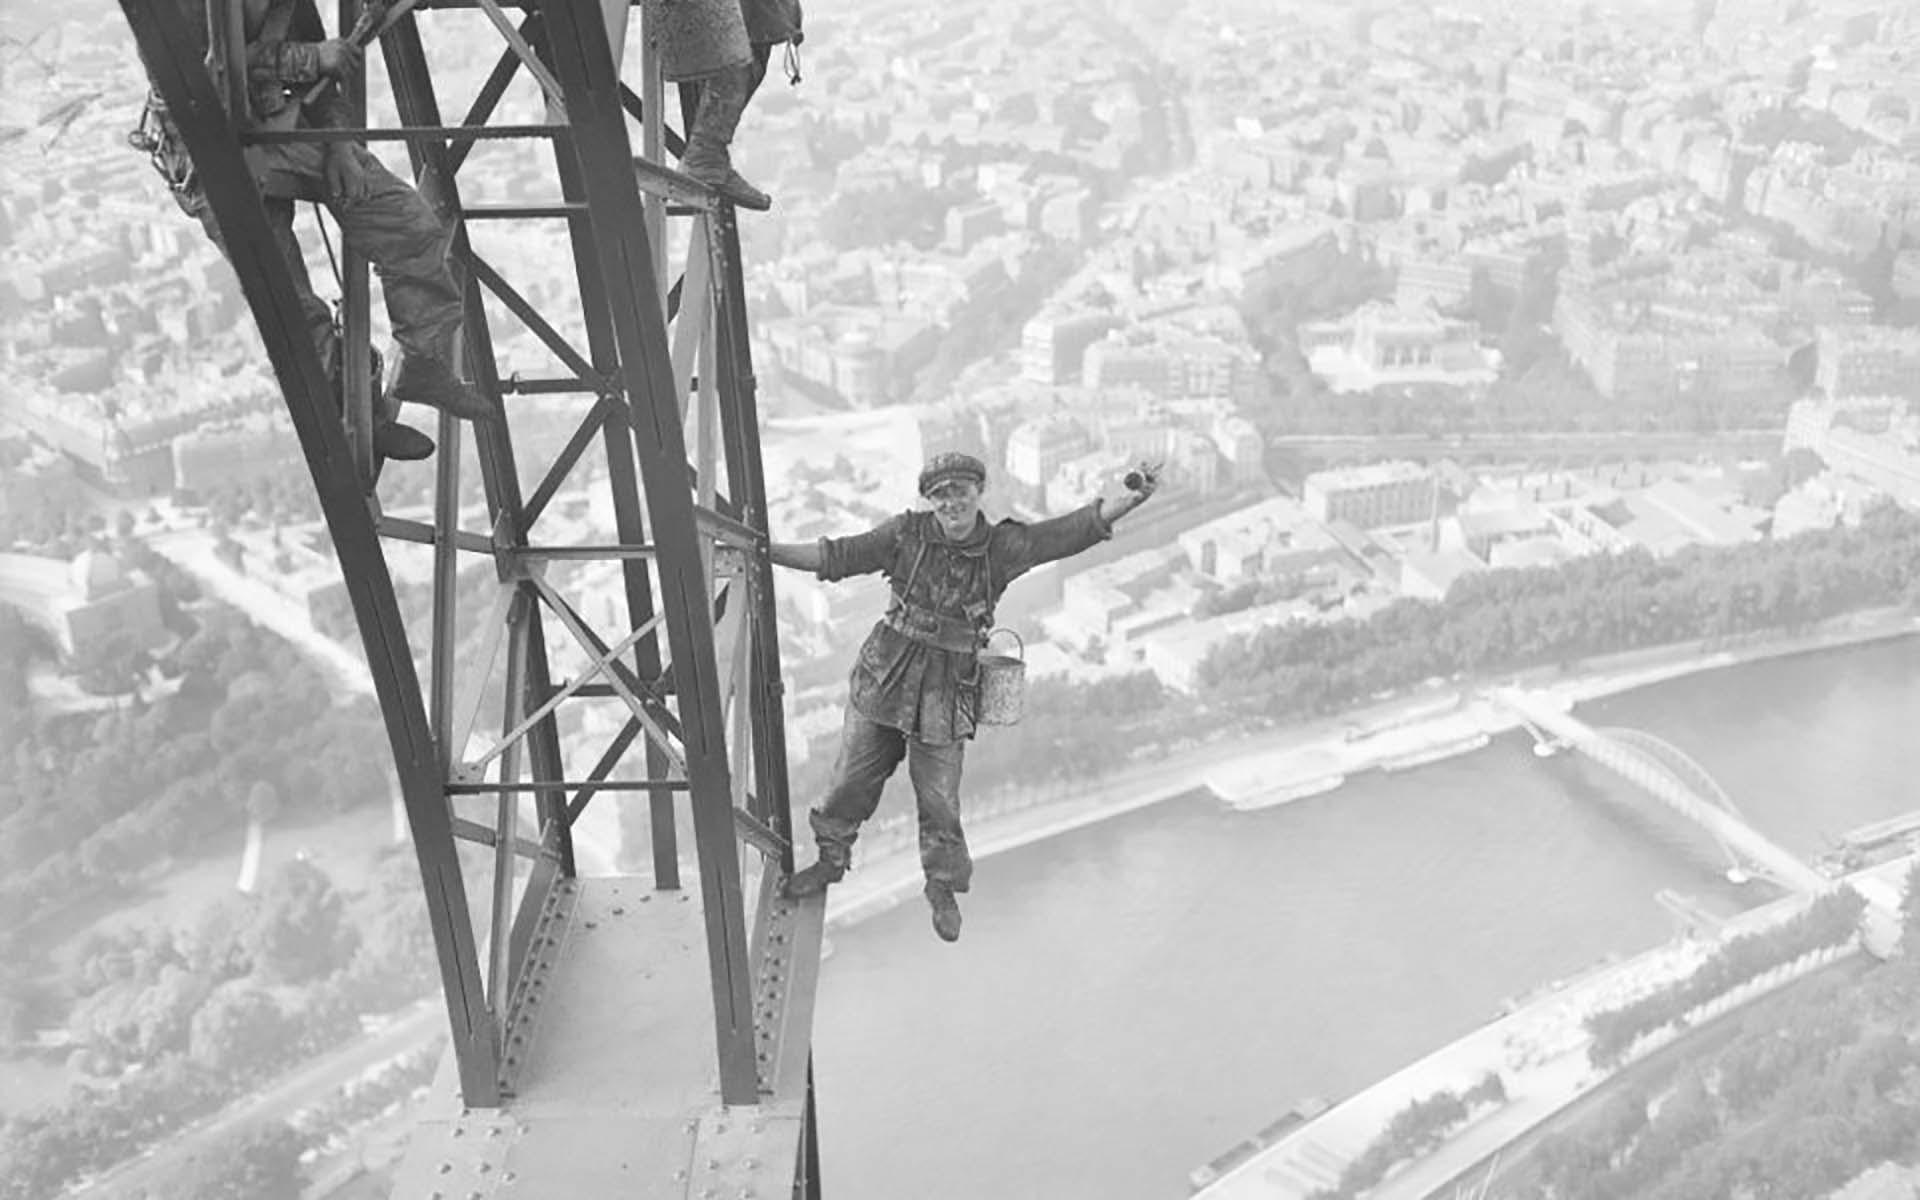 In 1898 se le agregó una antena de radio en la punta, sumándole 30 metros. Fue la estructura más alta del mundo hasta la inauguración de la Torre Chrysler de Nueva York en 1930.